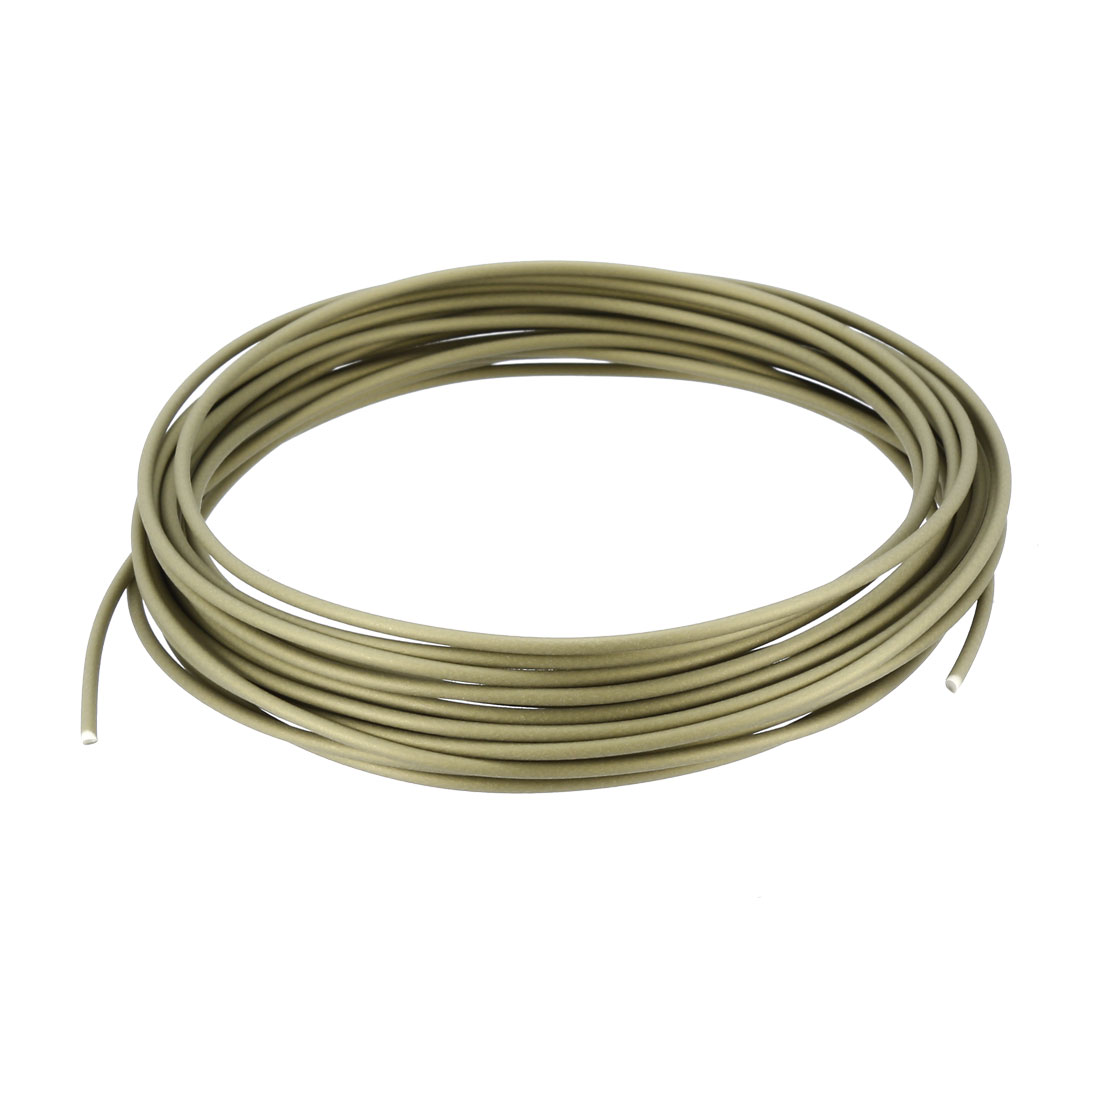 5 Meter/16 Ft PCL 3D Pen/3D Printer Filament, 1.75 mm Navy Golden